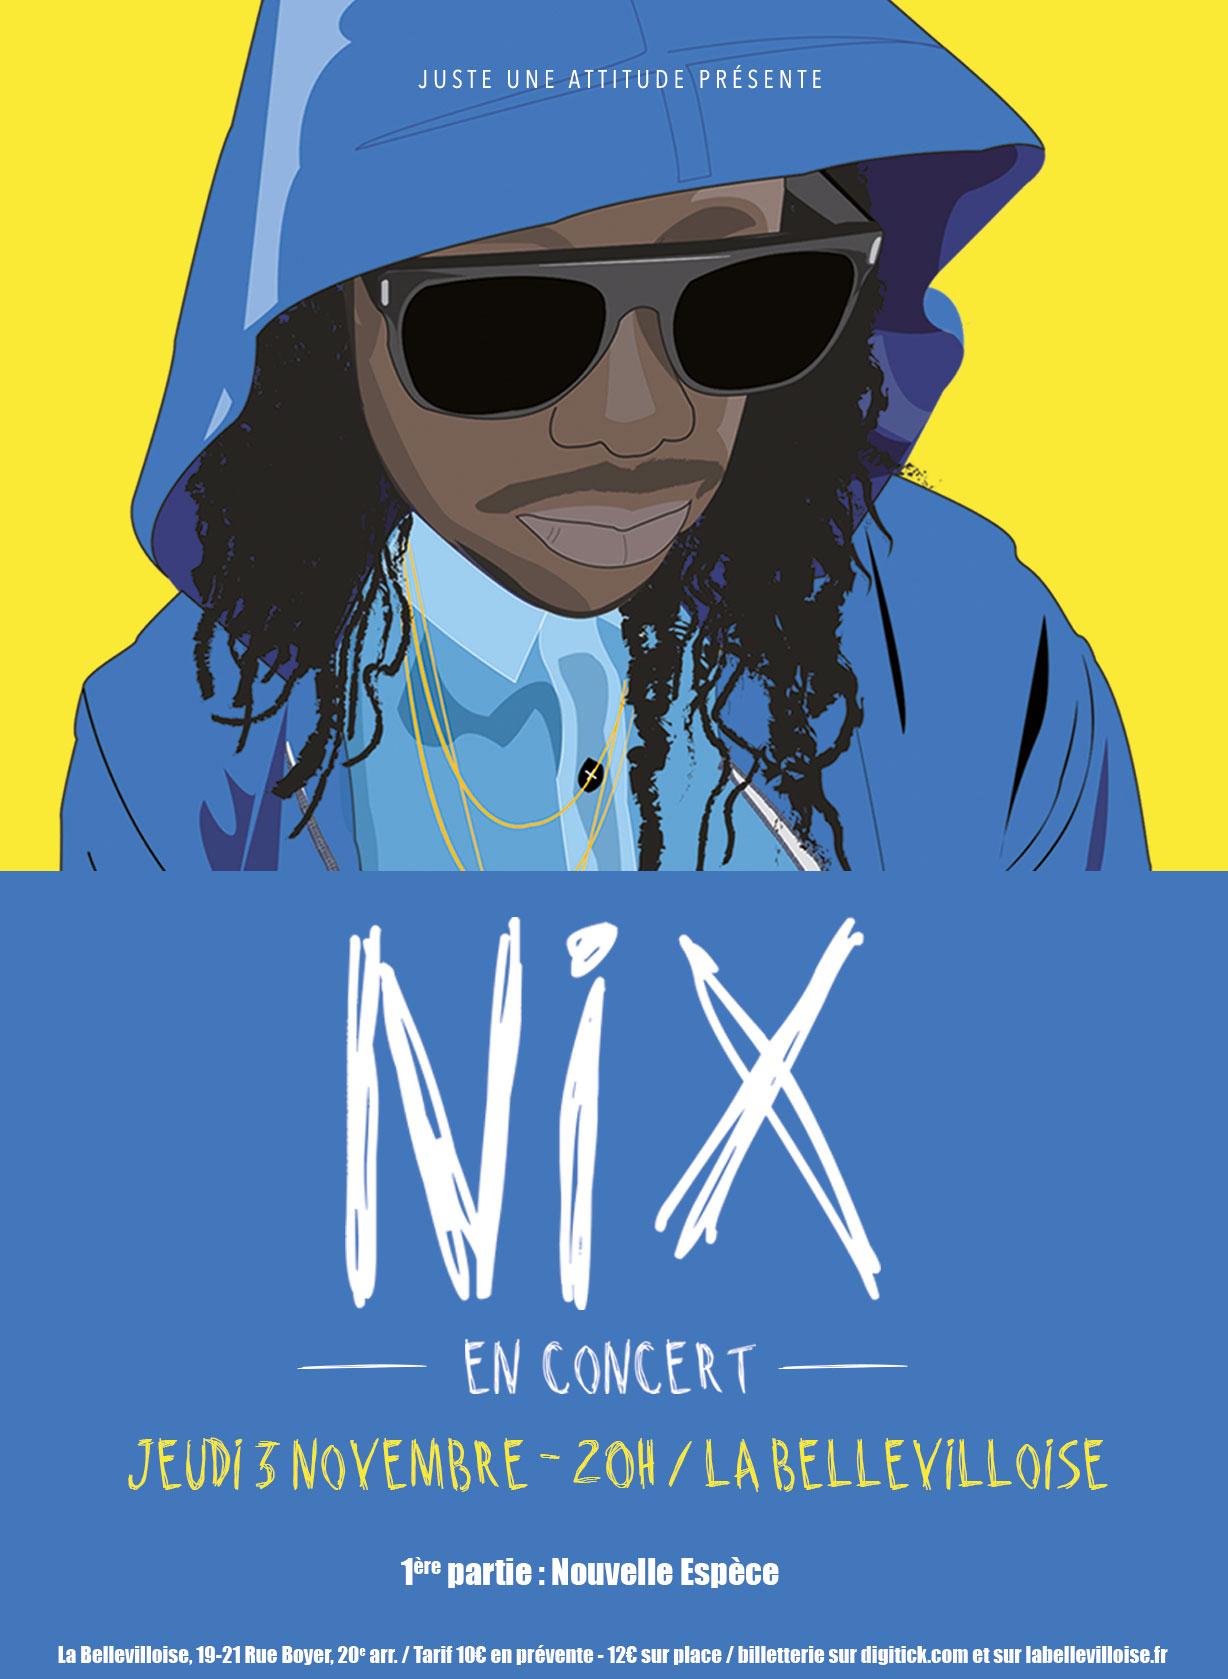 flyer-nix-concert-10x15cm